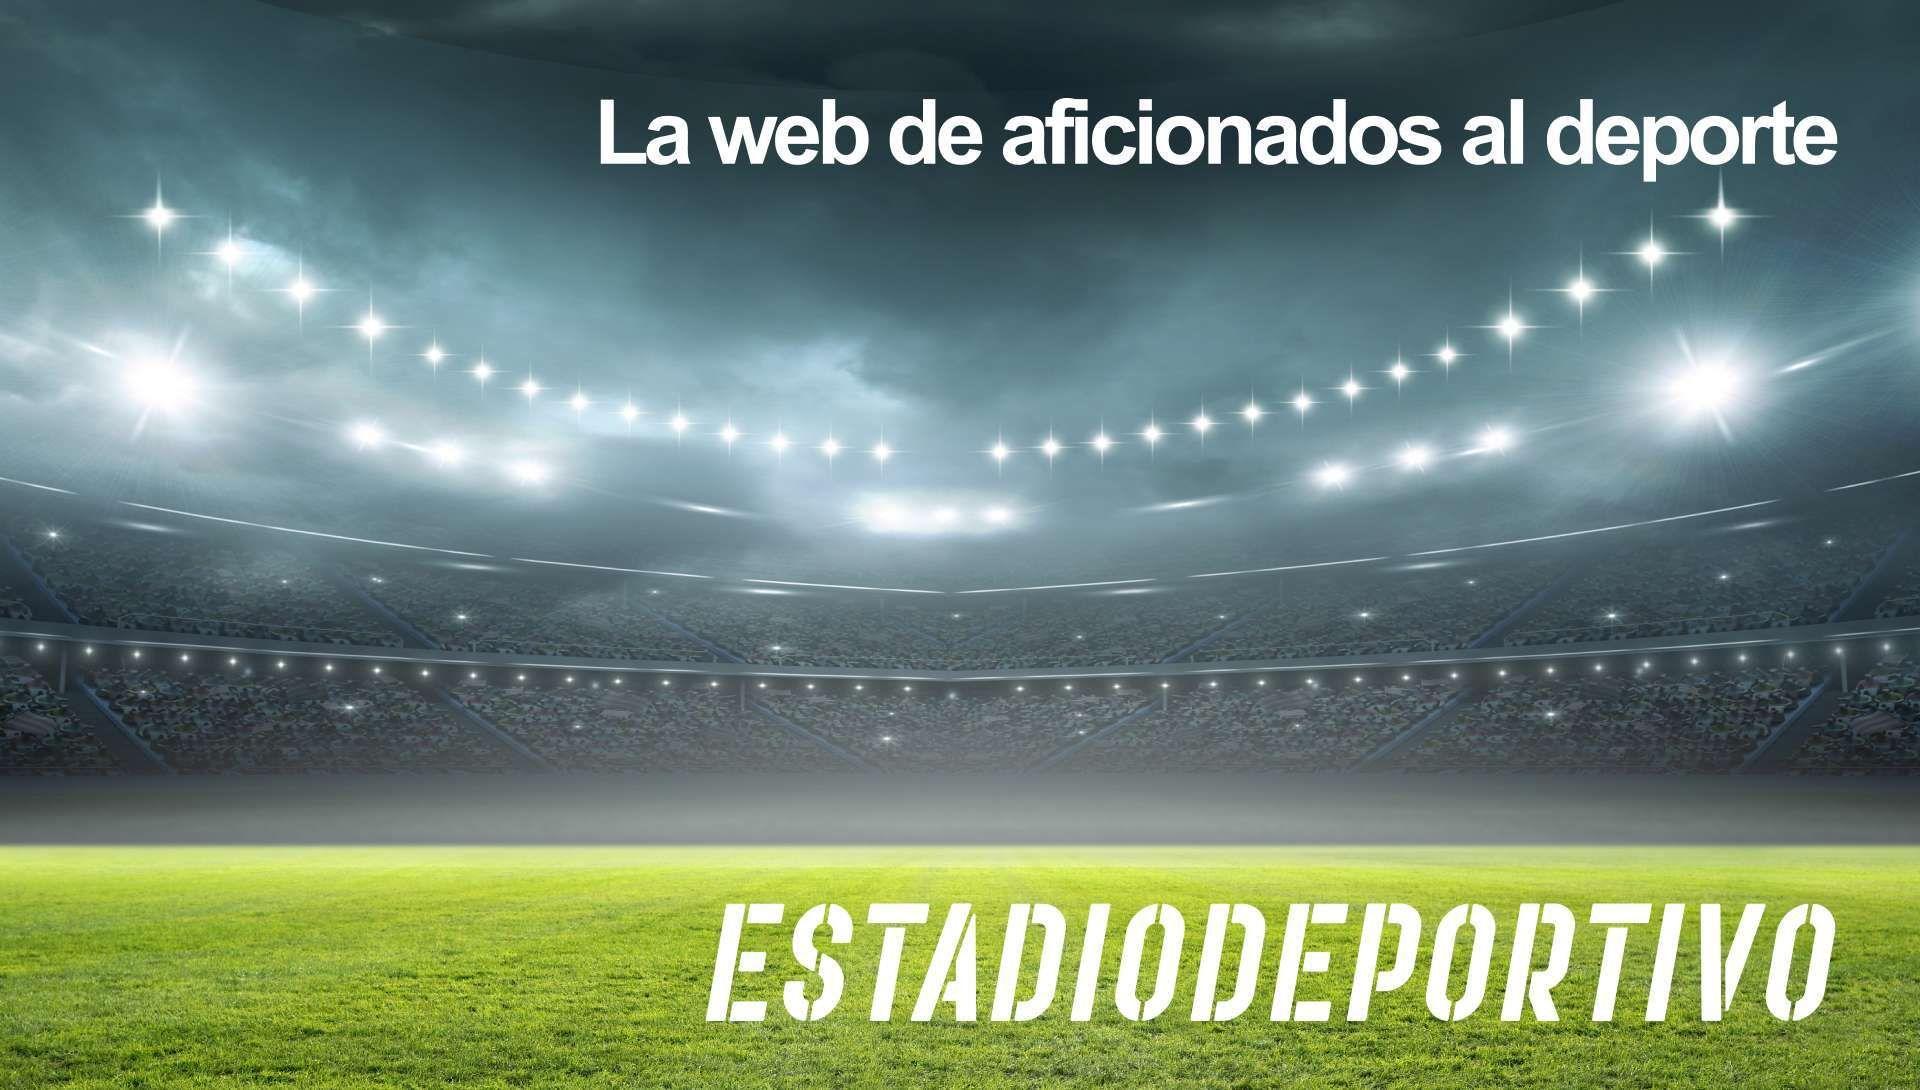 Las portadas del jueves 25 de febrero